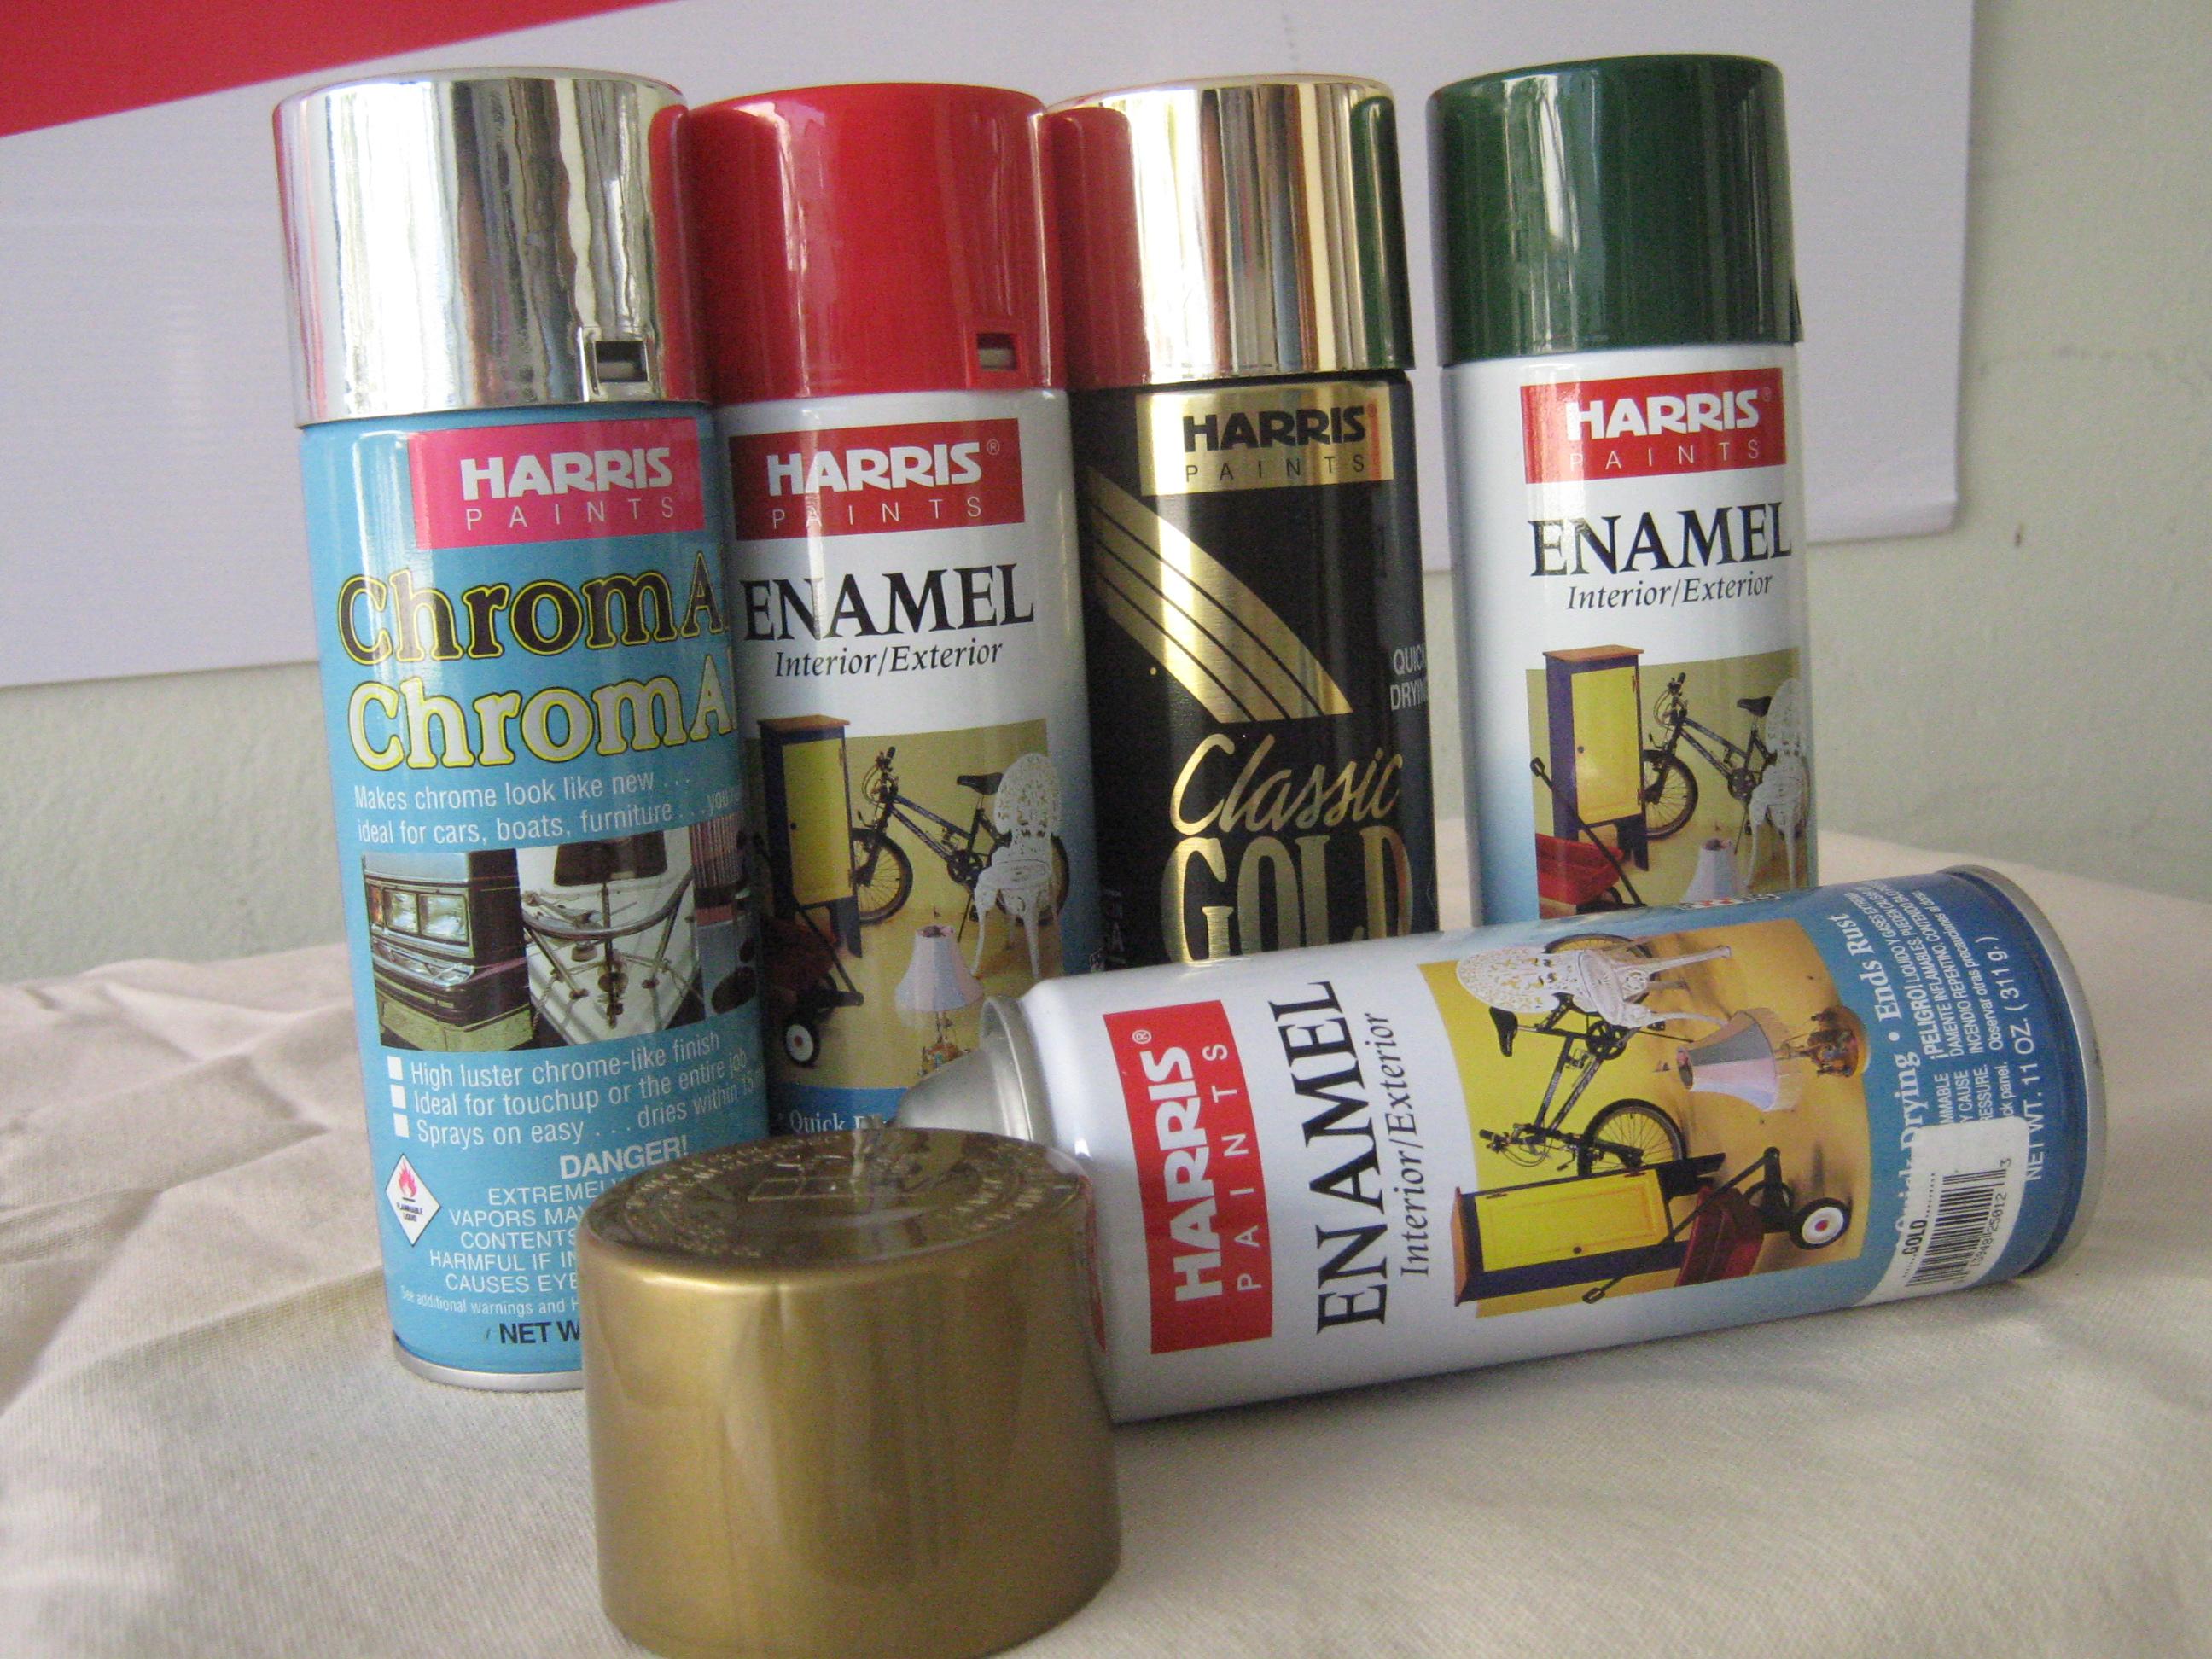 Pintura en spray harris de lanco colorexpression - Pintura con spray ...